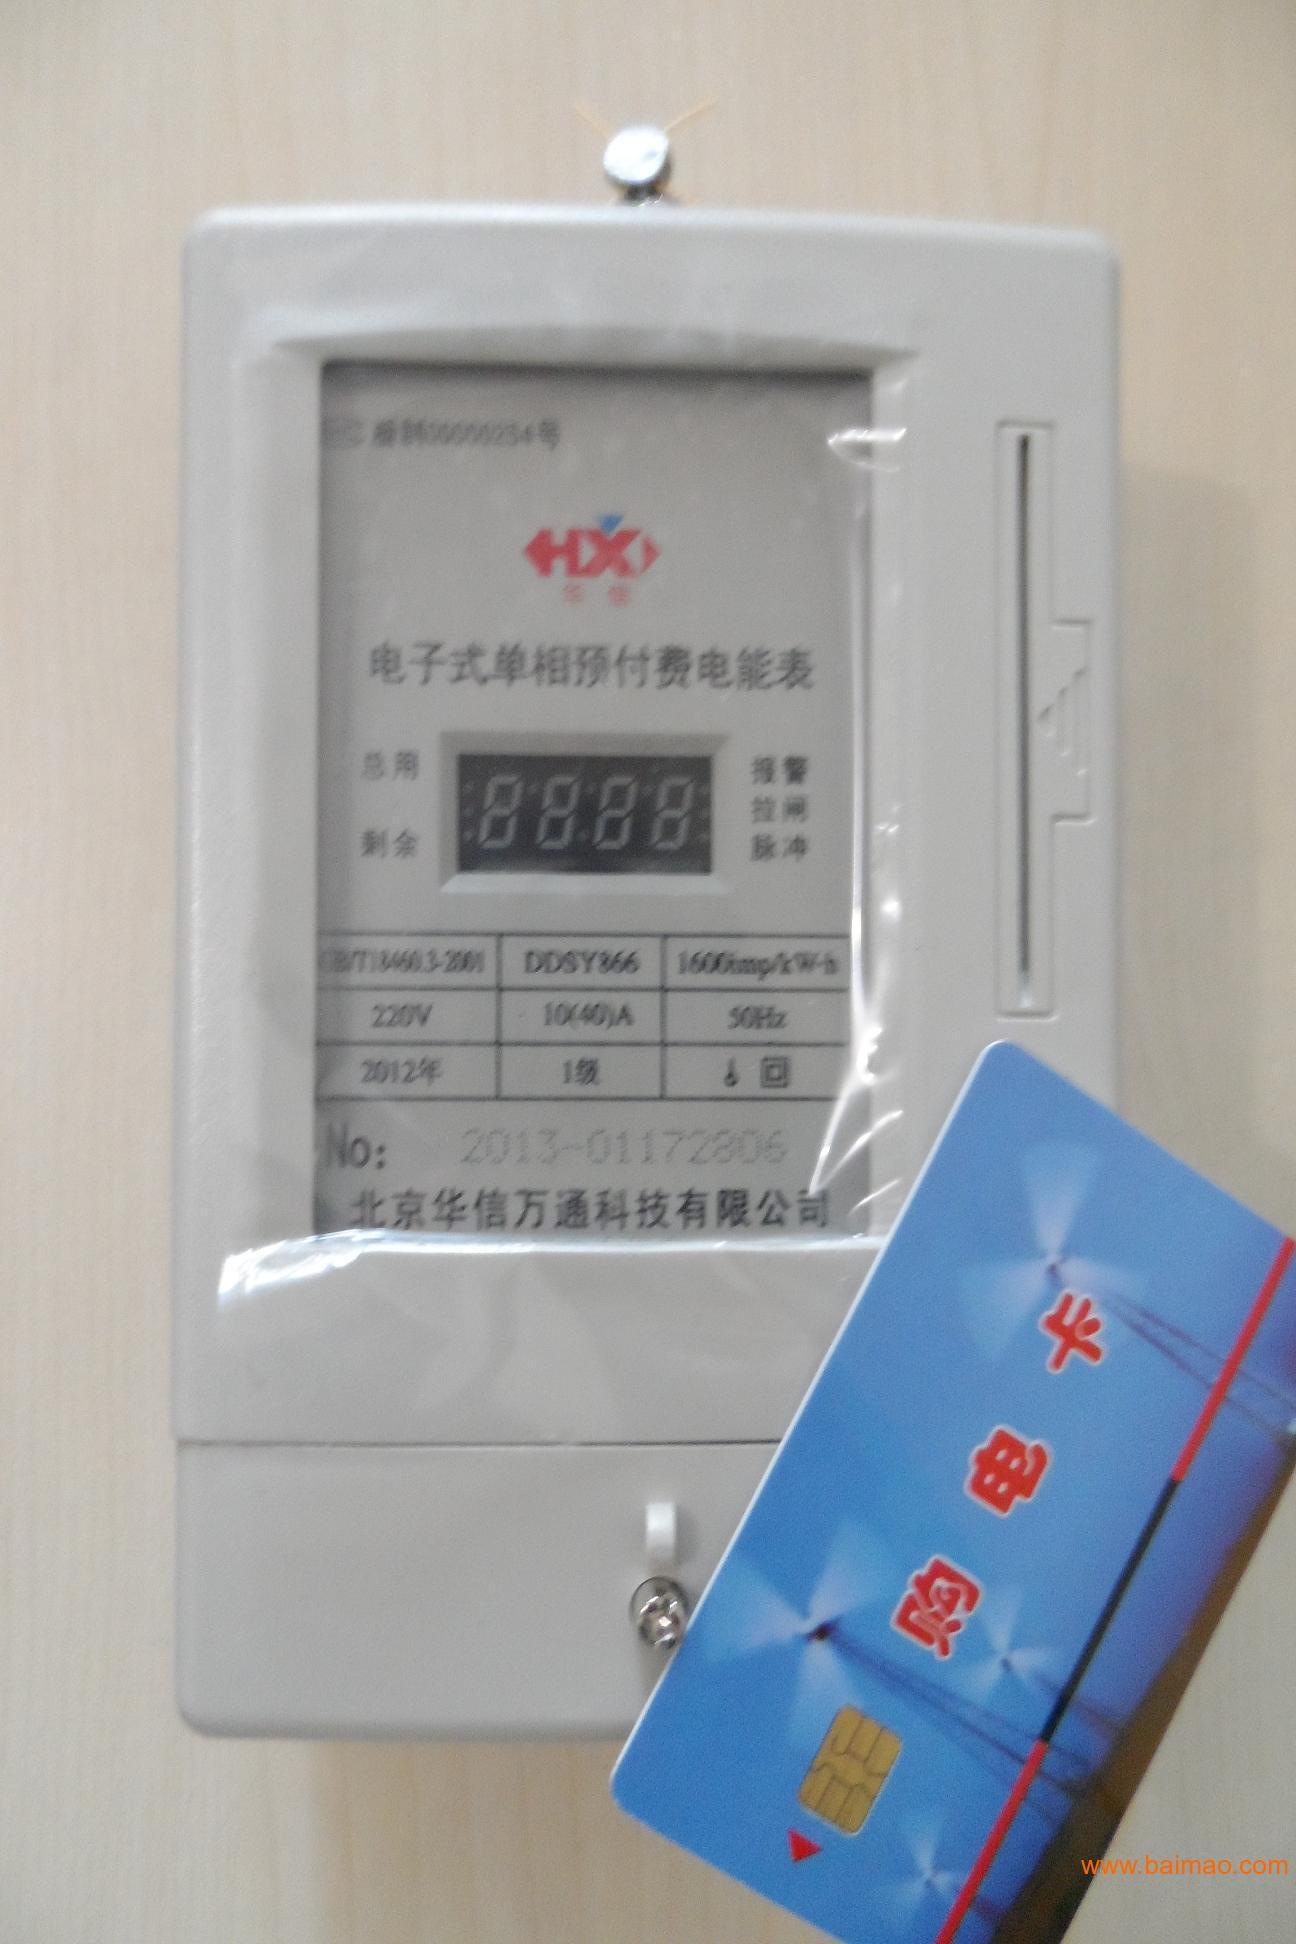 三相四线电子式电能表,电度表 带RS485接口 ,三相四线电子式电能表,电度表 带RS485接口 生产厂家,三相四线电子式电能表,电度表 带RS485接口 价格